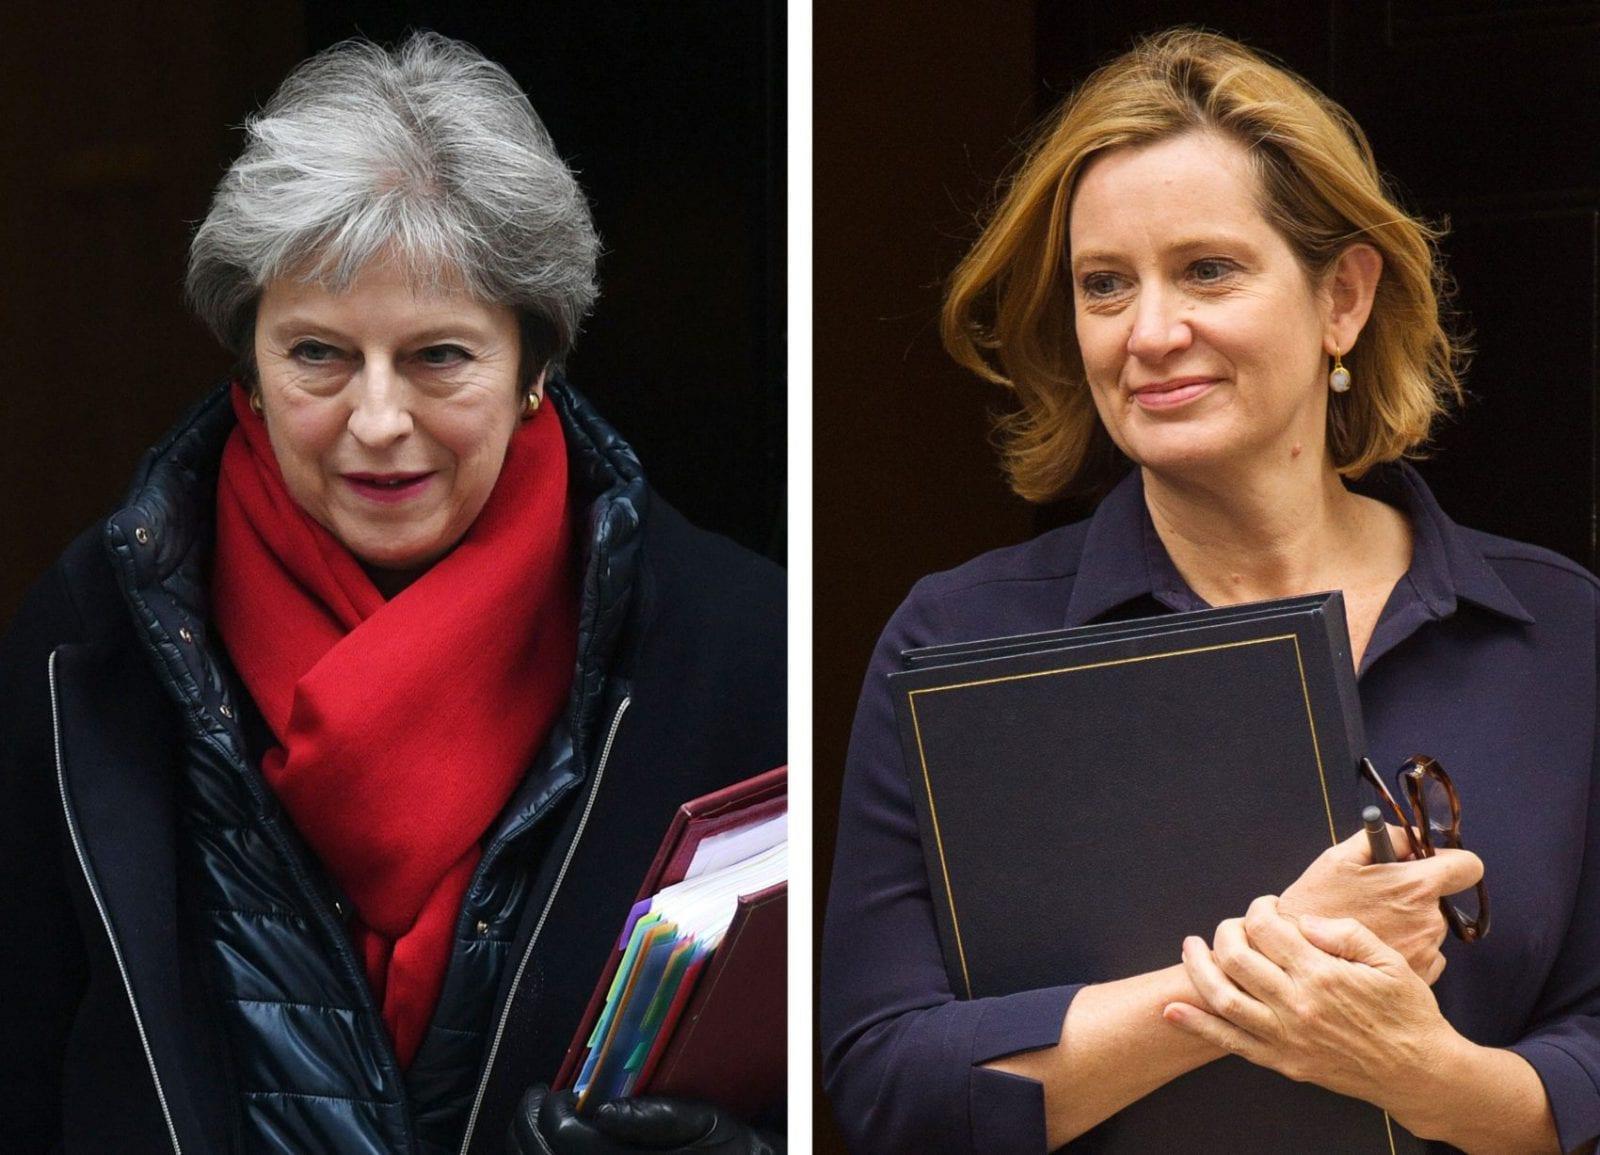 Home Secretary Amber Rudd resigns - The Speaker